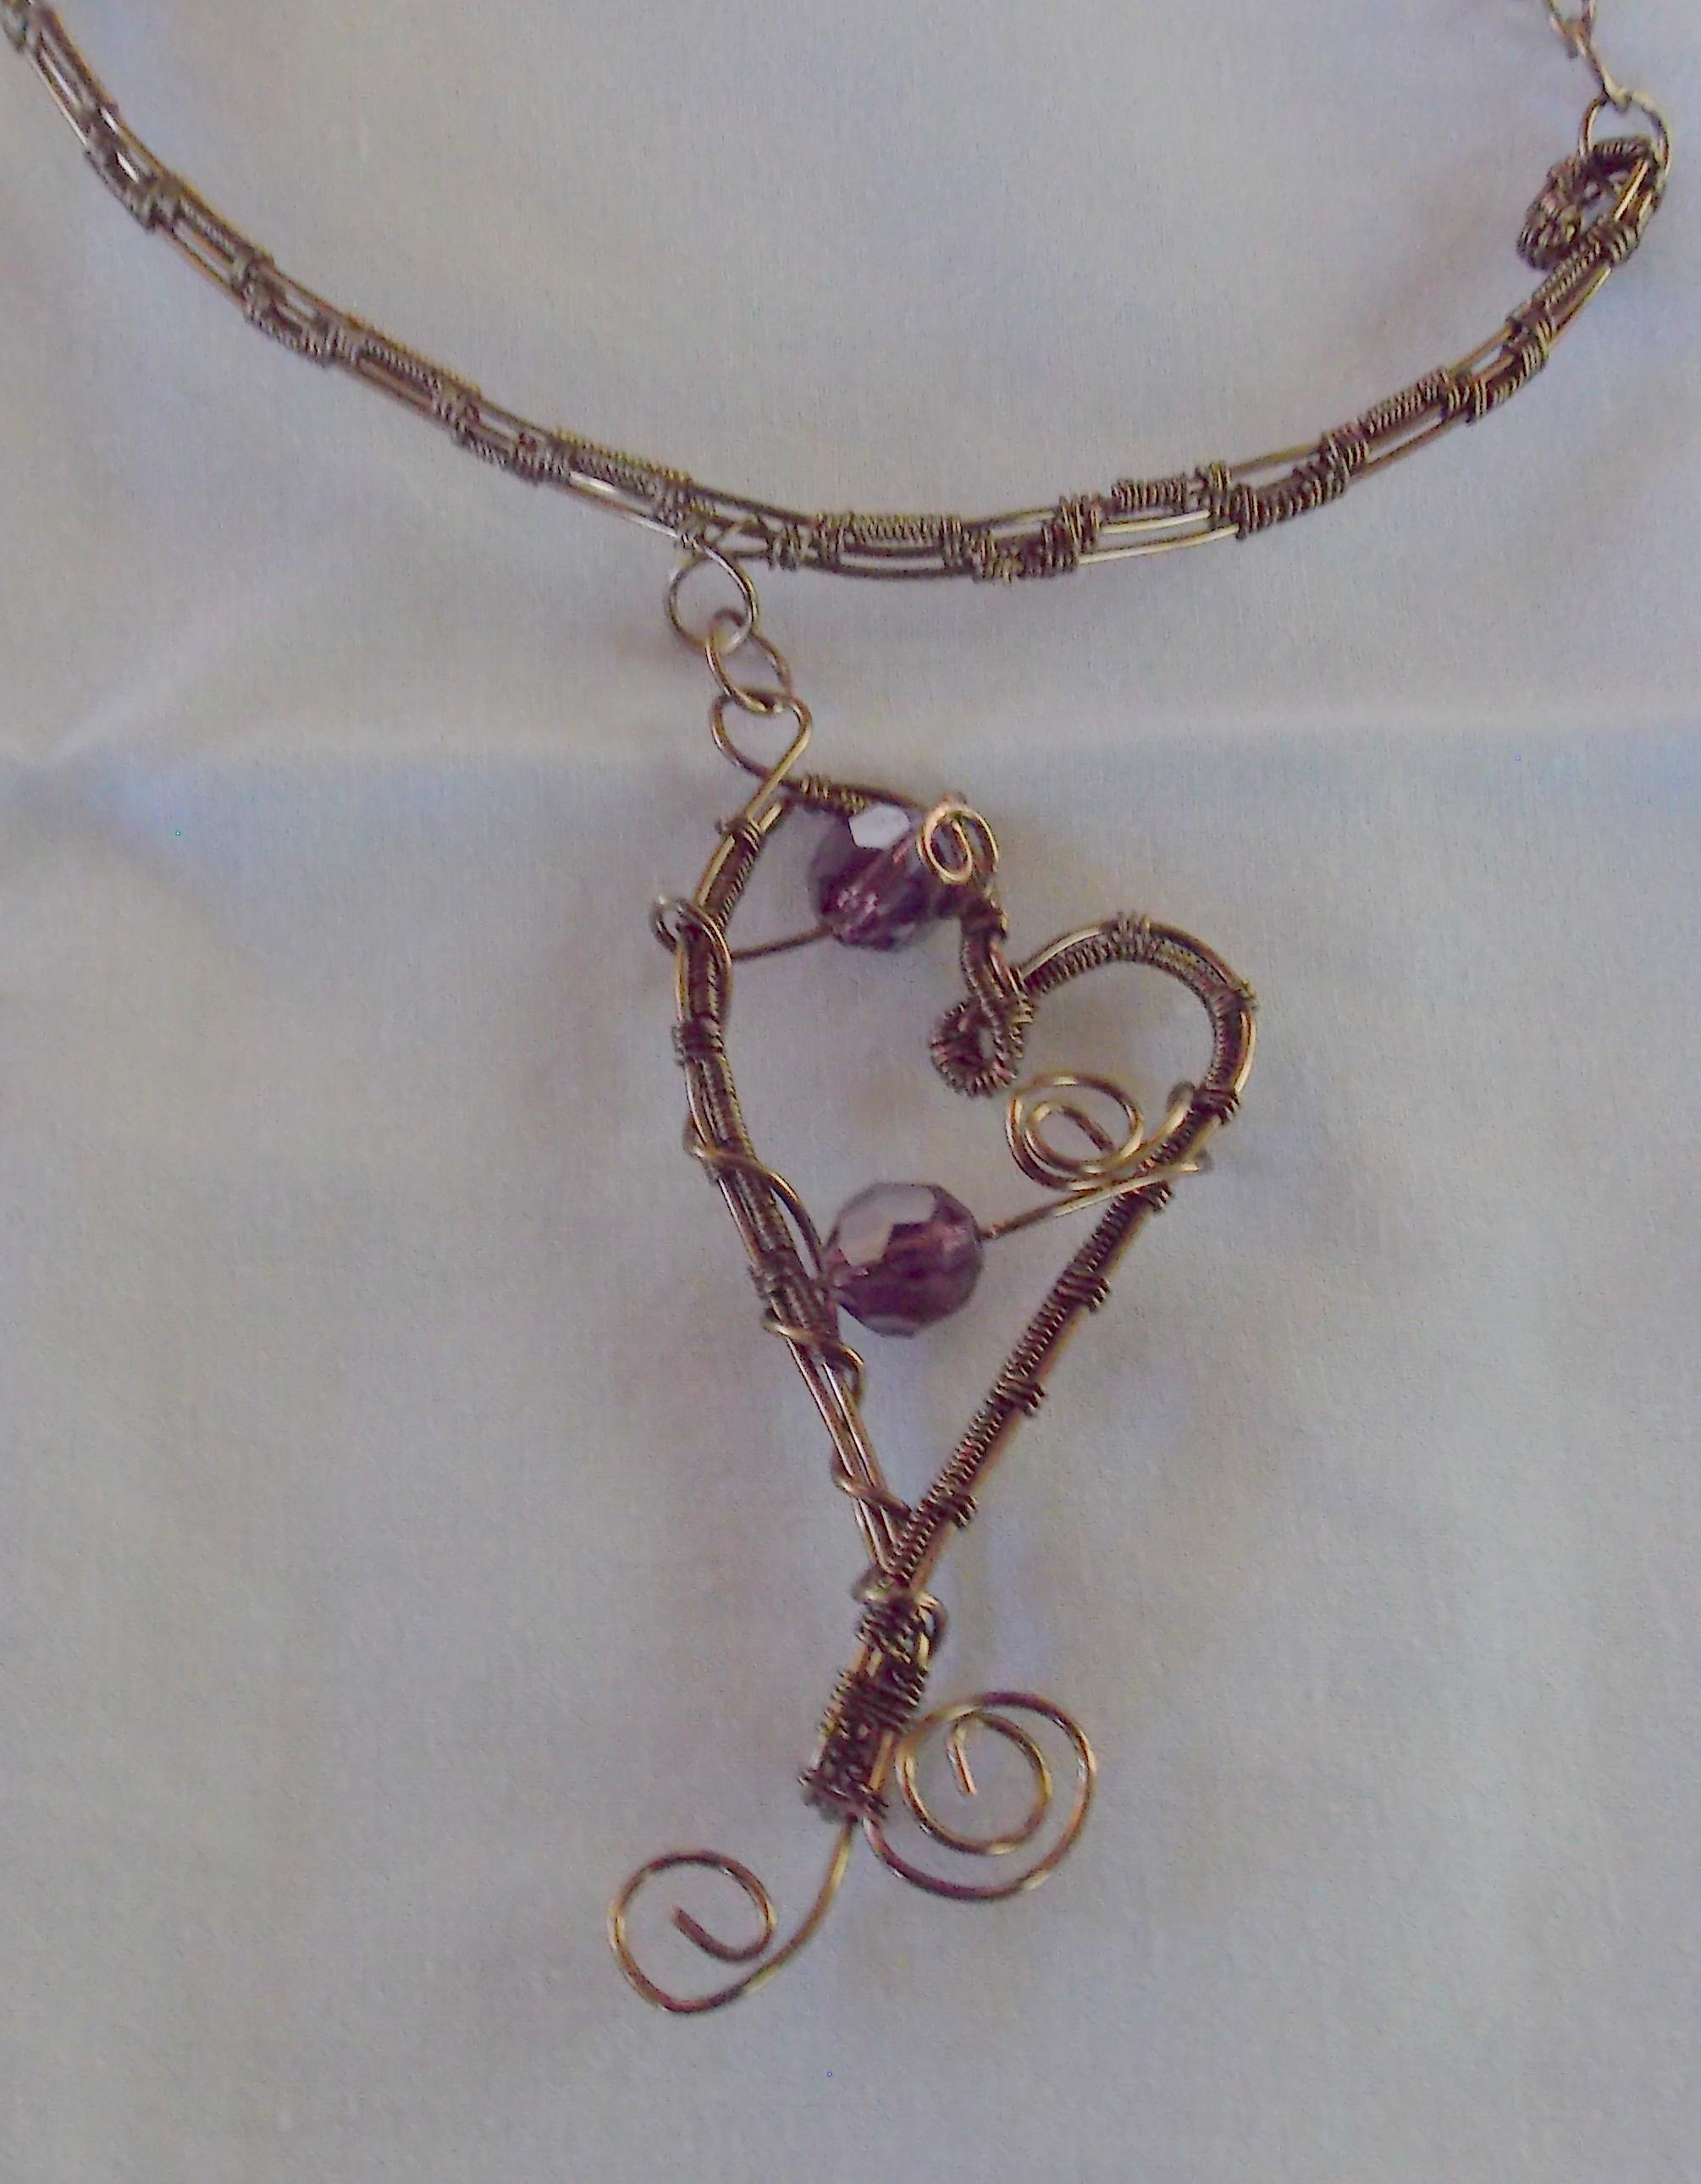 Woven Wire Heart Choker in Antique Brass